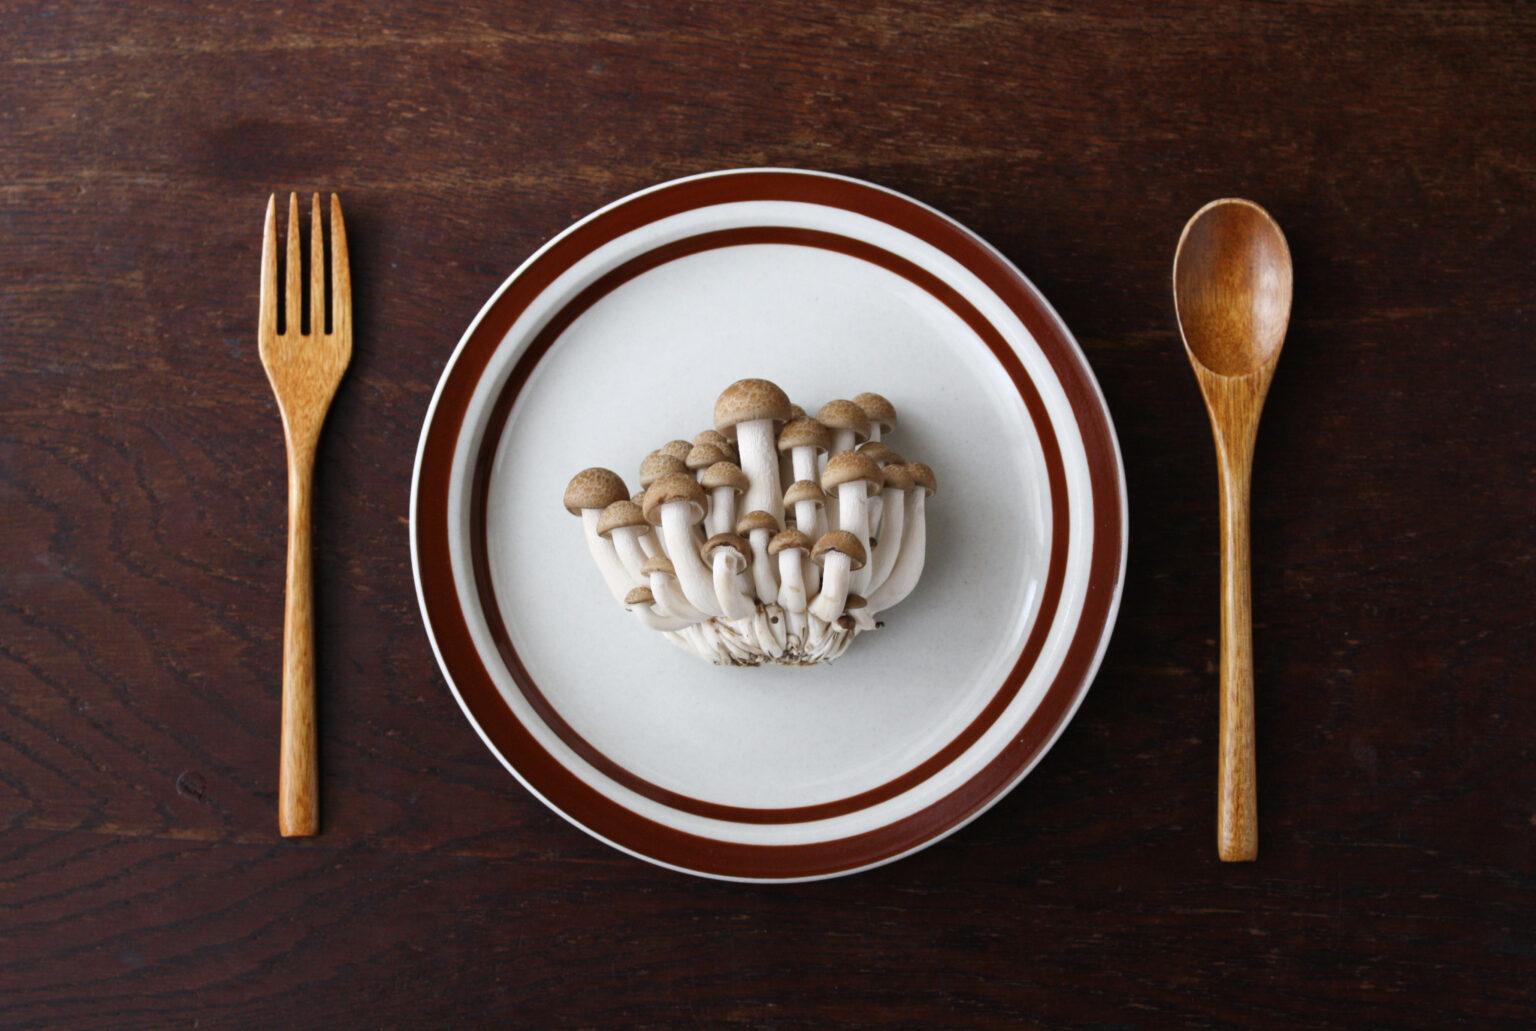 しめじの食事イメージ